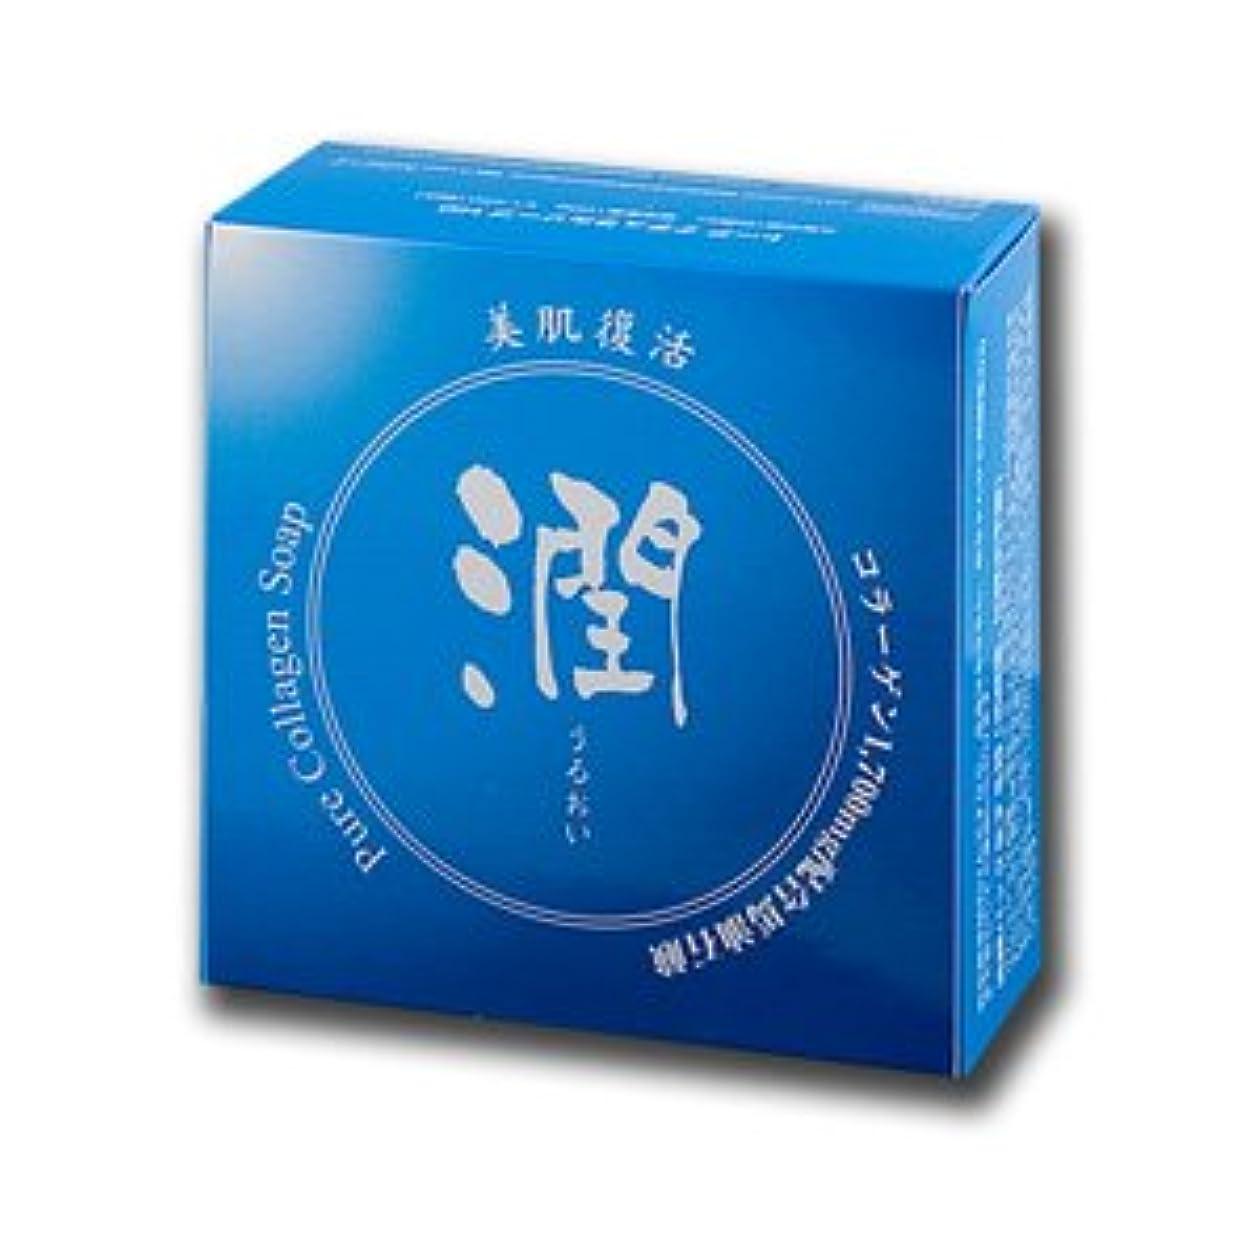 コンプリート汚れた敬礼コラーゲン馬油石鹸 潤 100g (#800410) ×5個セット